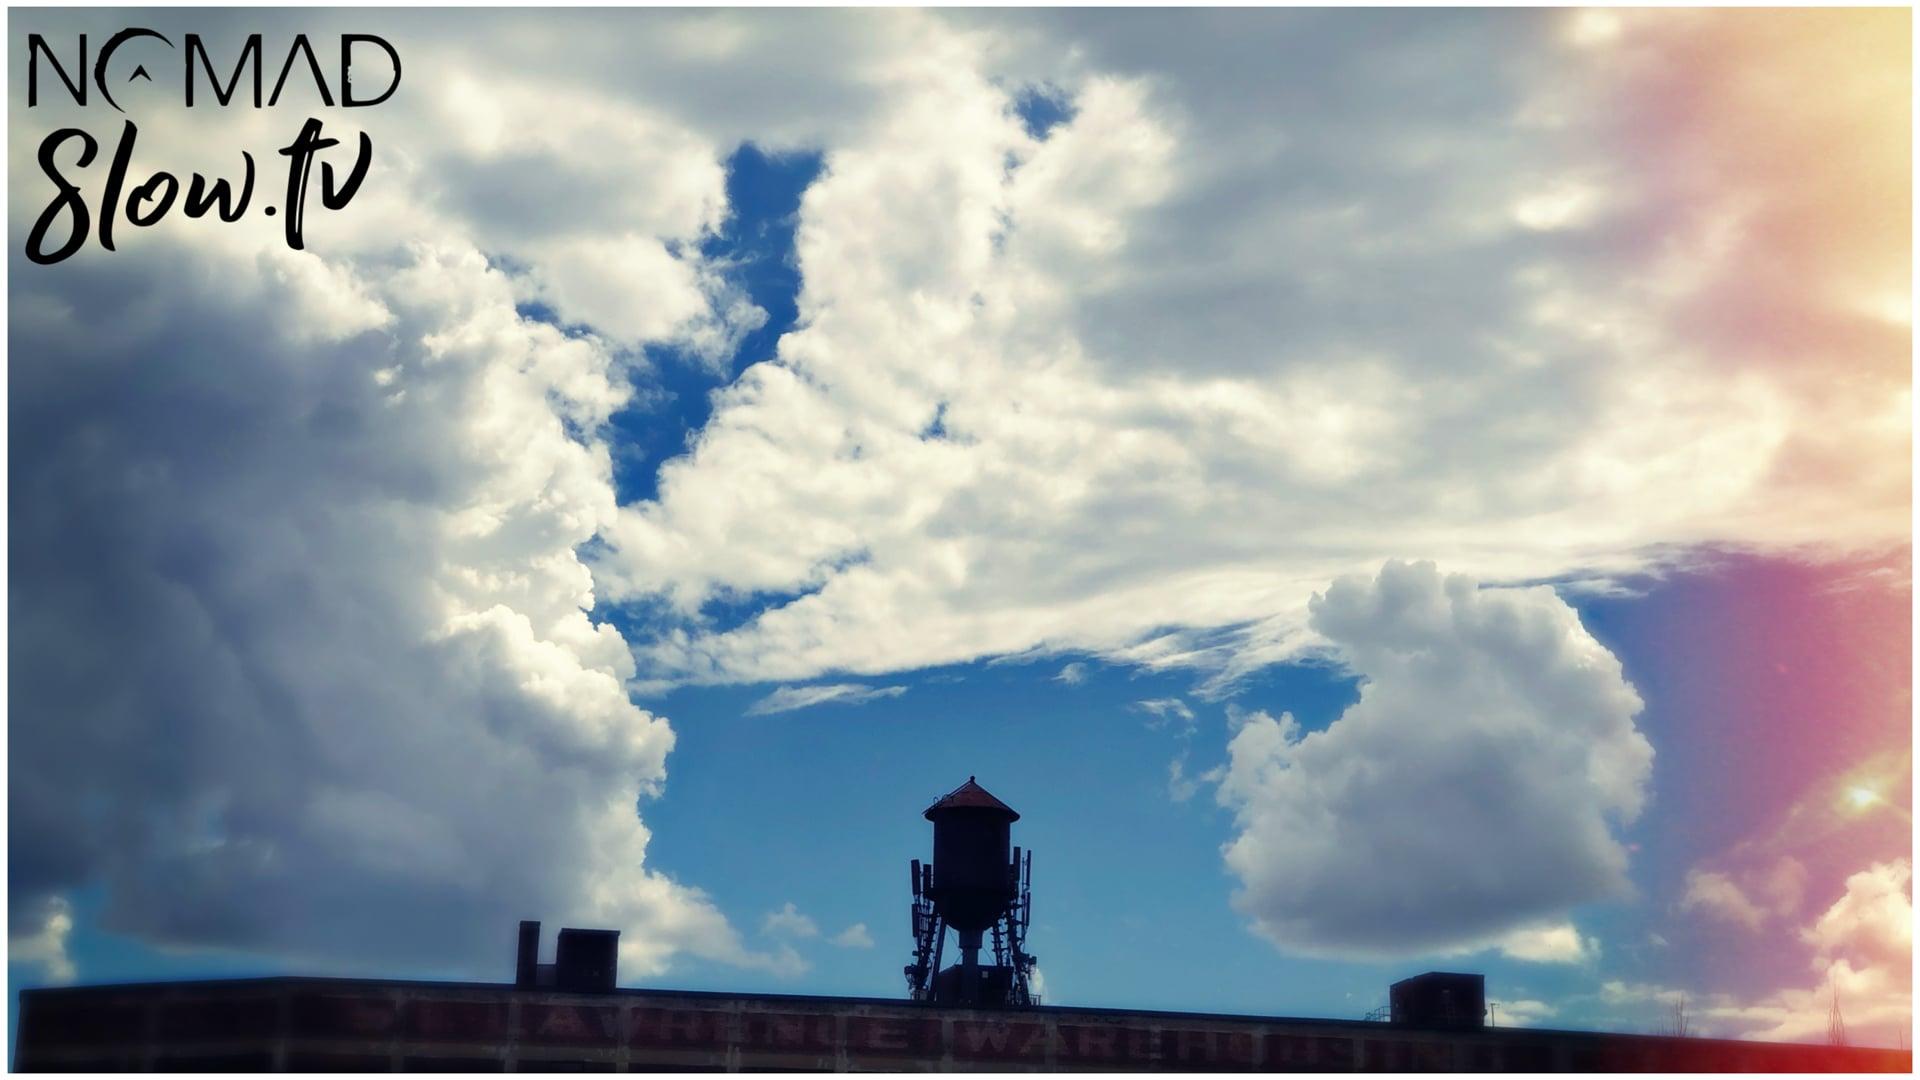 Cumulus Nimbus - Quincas Moreira  Mile End Timelapse  NOMAD Slow TV